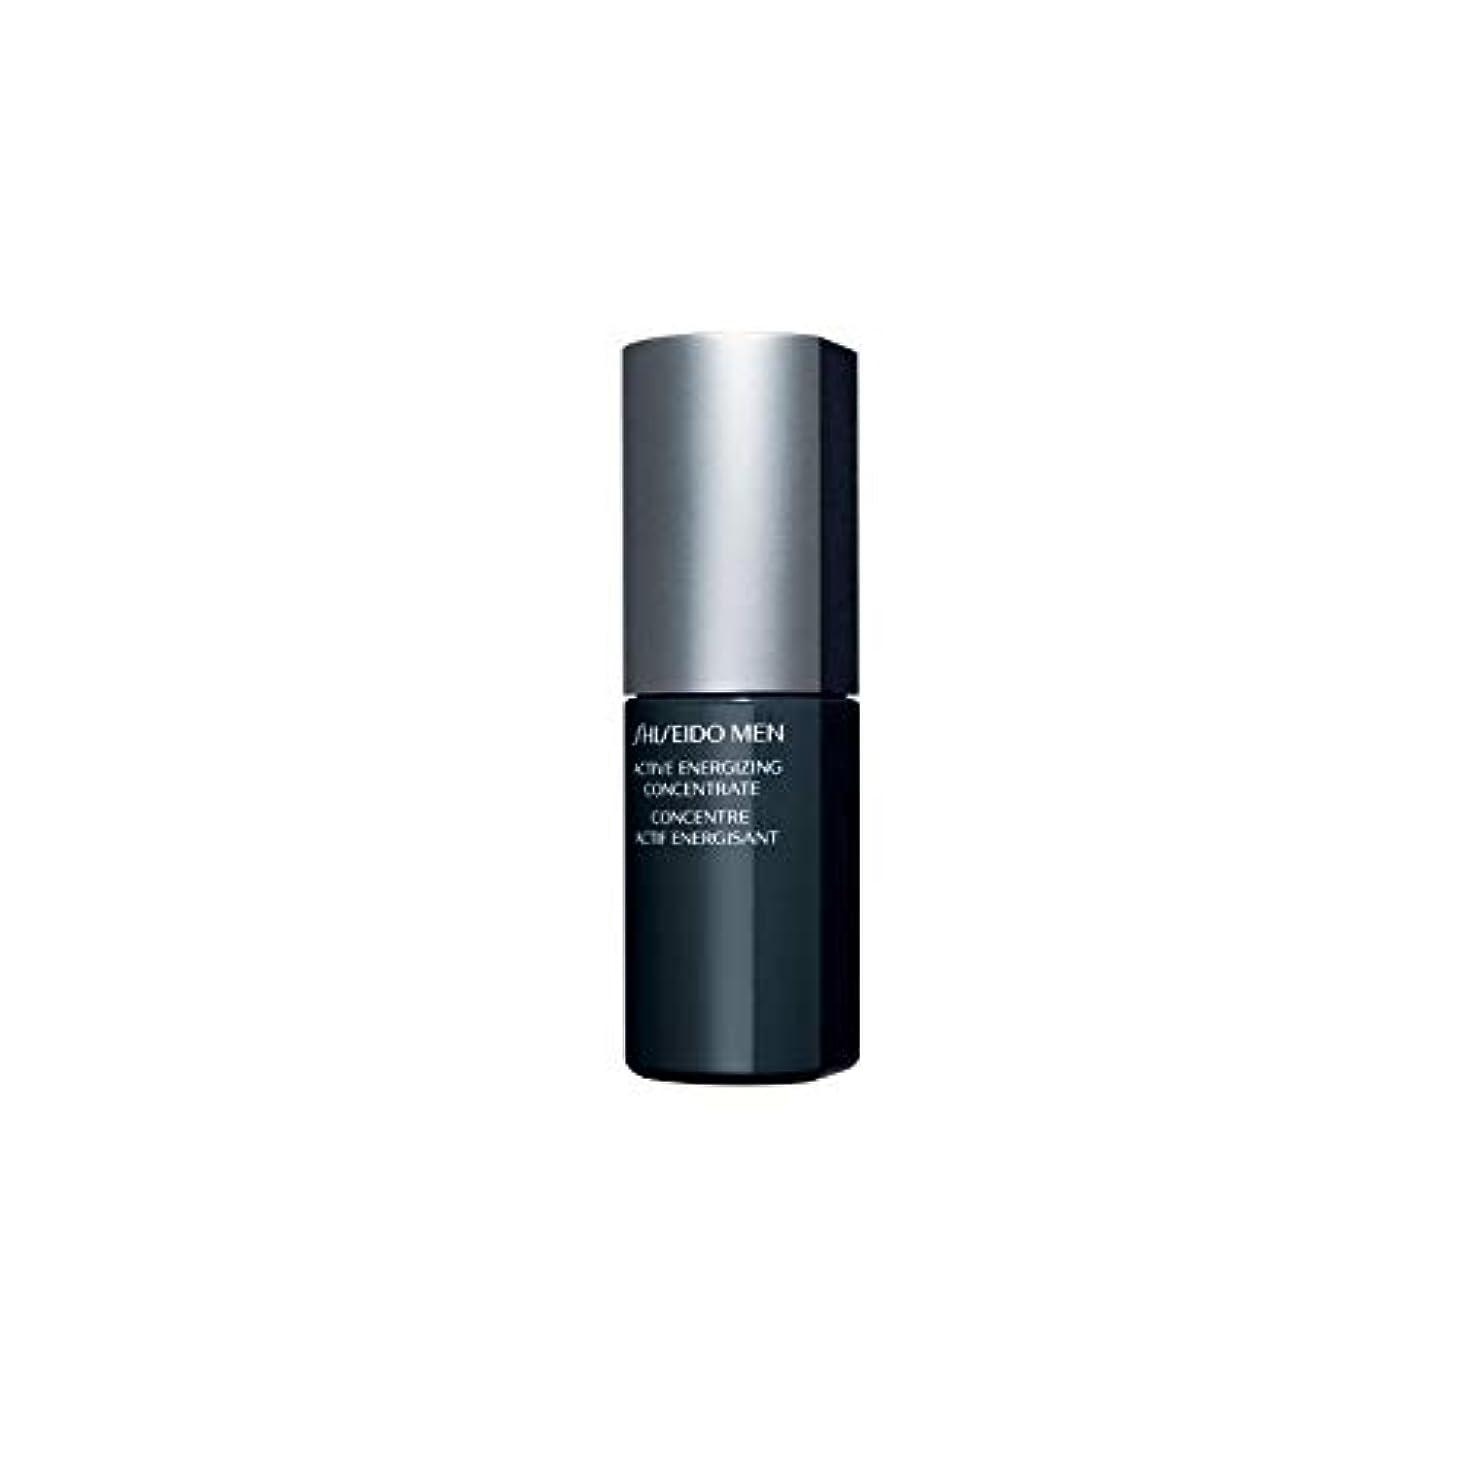 アンケート奇妙な典型的な[Shiseido ] 資生堂メンズアクティブ通電濃縮液(50ミリリットル) - Shiseido Mens Active Energizing Concentrate (50ml) [並行輸入品]